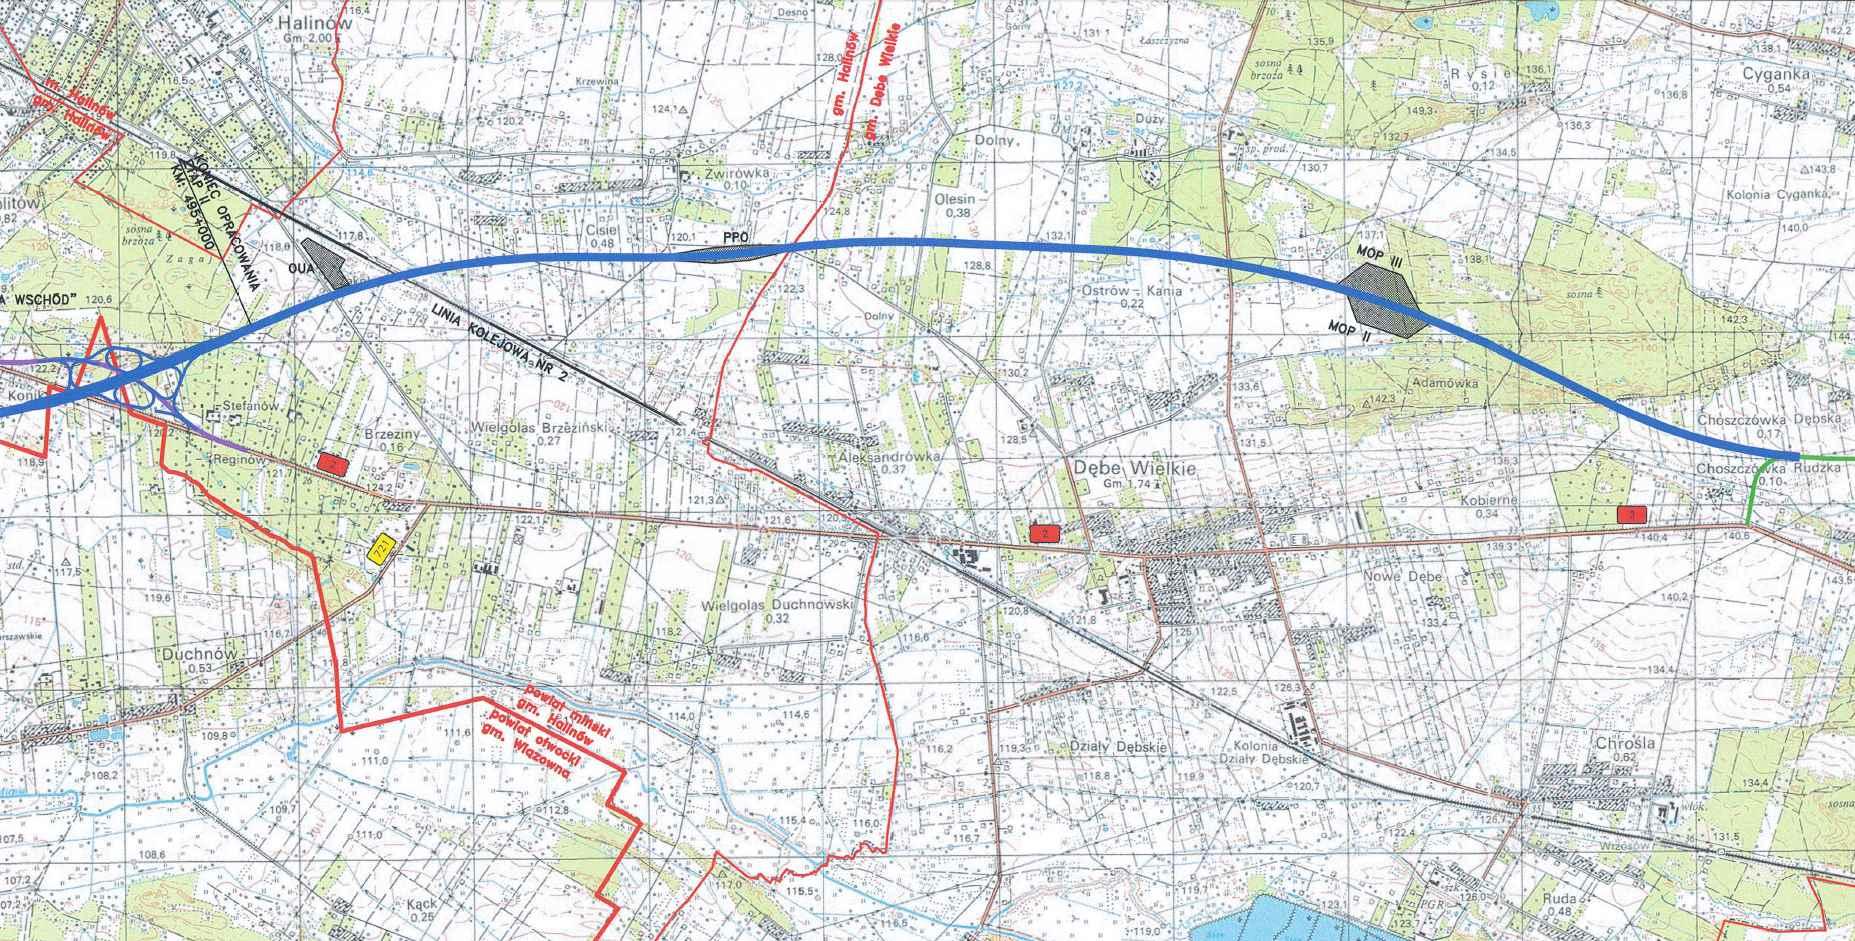 a2 mapa Mapa autostrady A2 Warszawa   Mińsk Mazowiecki (odc. 2. w. Konik  a2 mapa